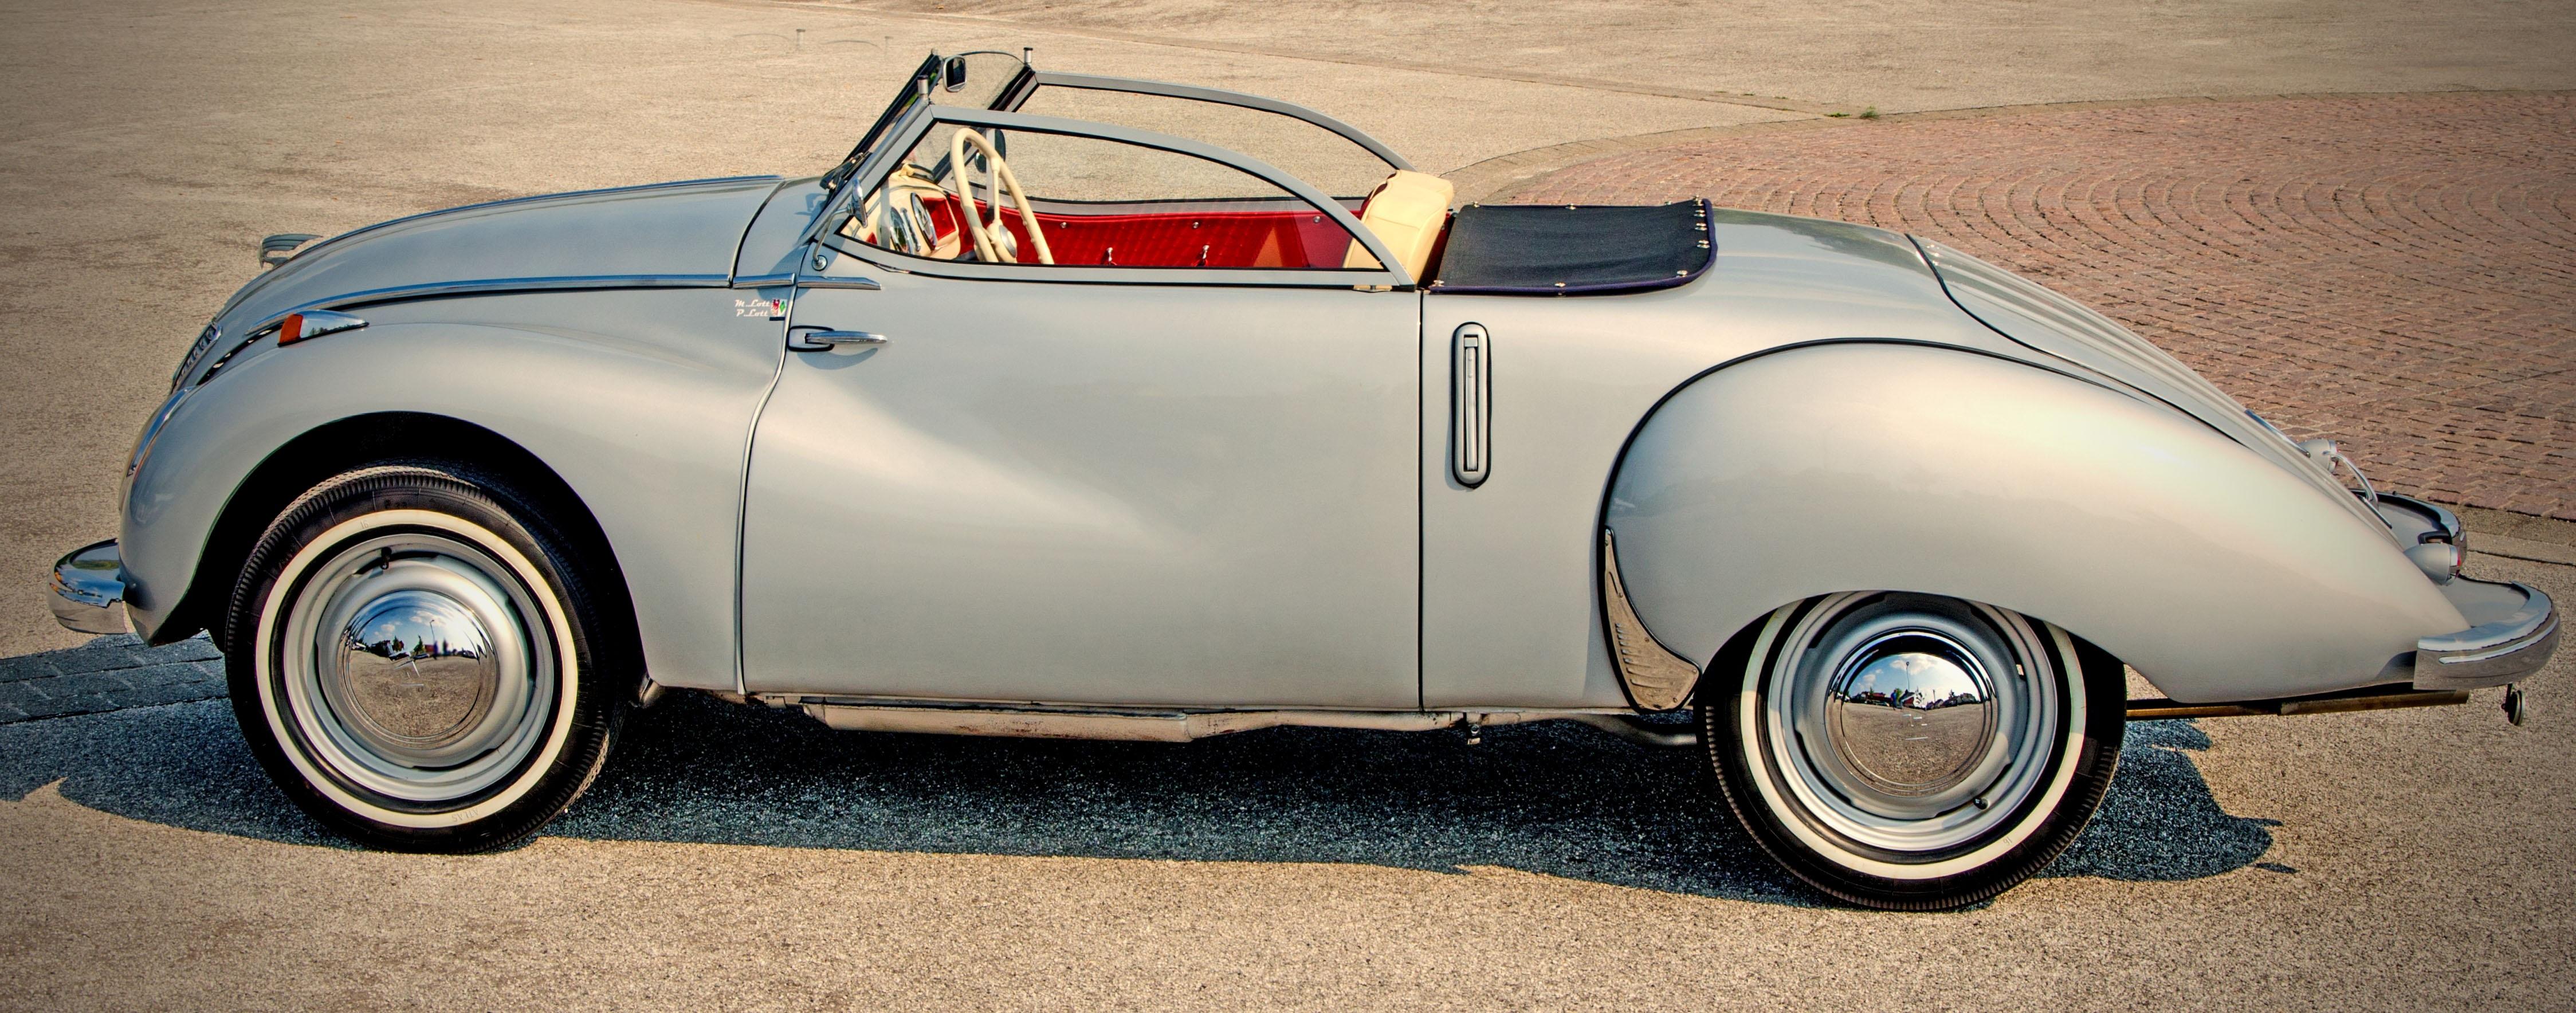 Free Images : retro, old, auto, classic car, satellite, motor ...